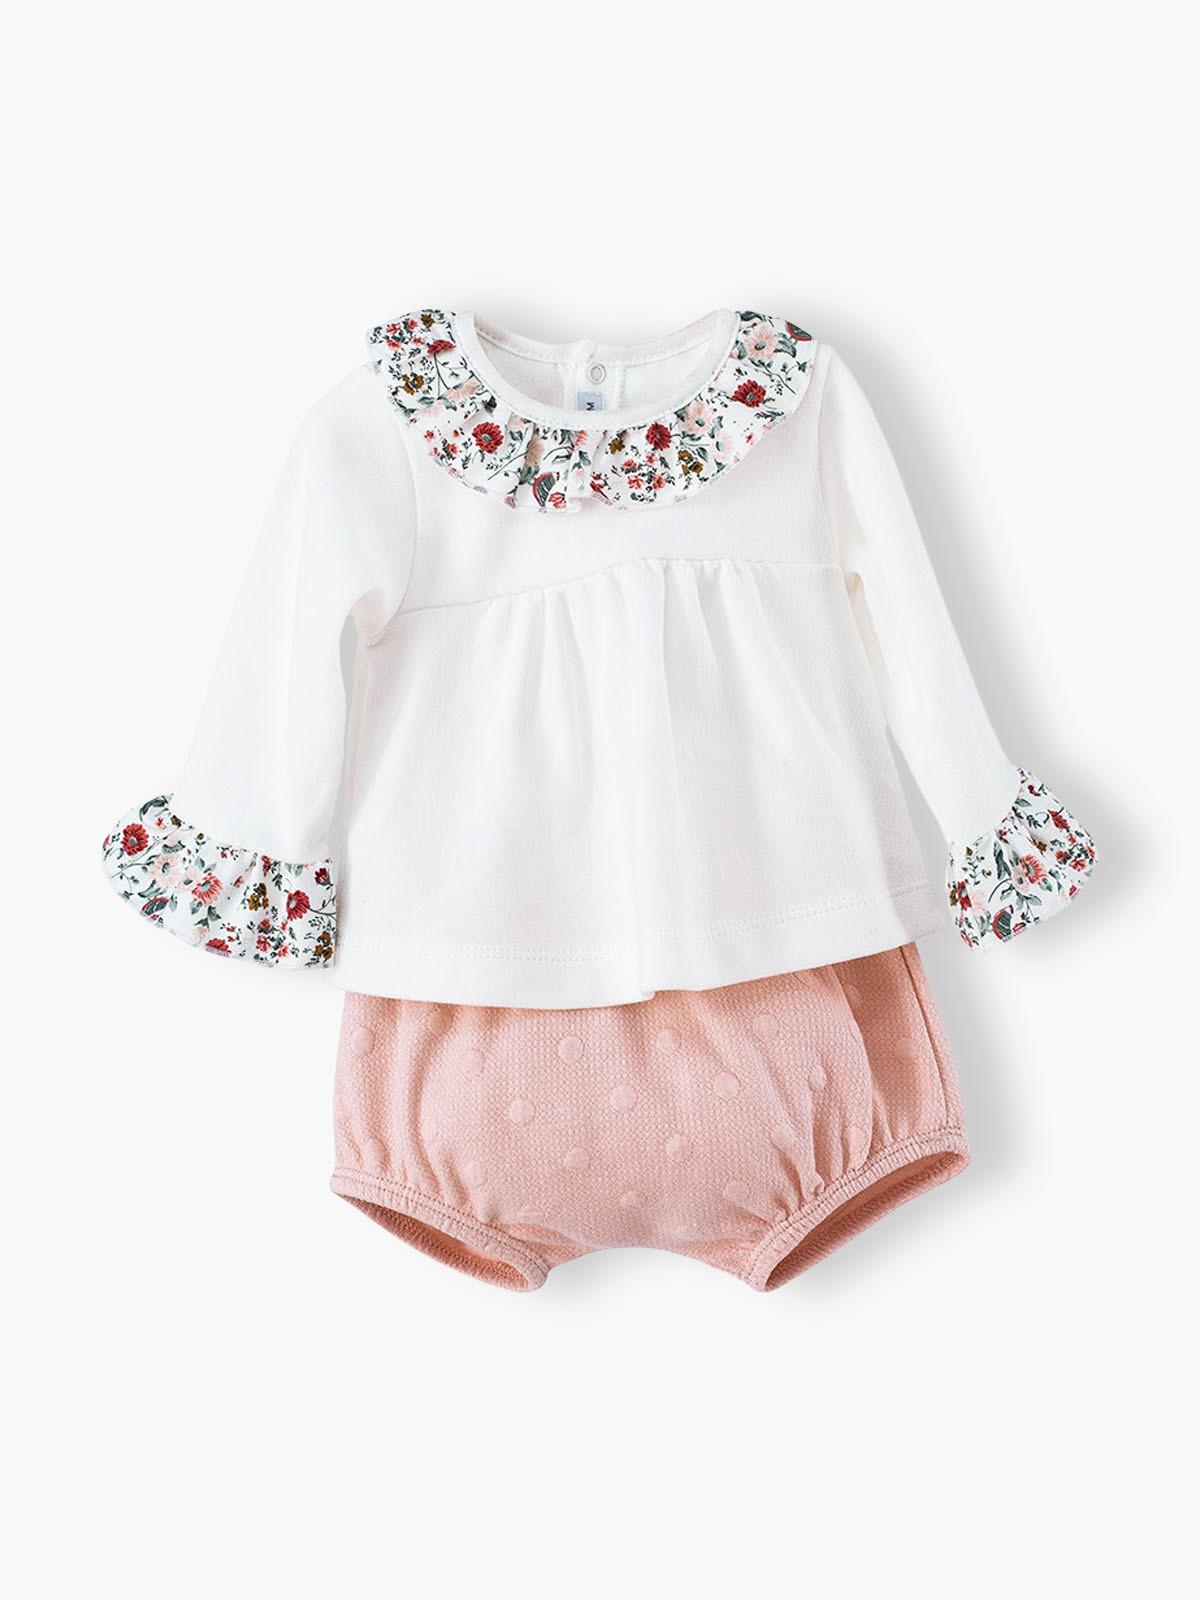 Conjunto de 2 peças branco e rosa composto por blusa e calções para bebé menina e recém-nascida. Blusa 100% algodão com gola e punhos em folho com padrão floral.